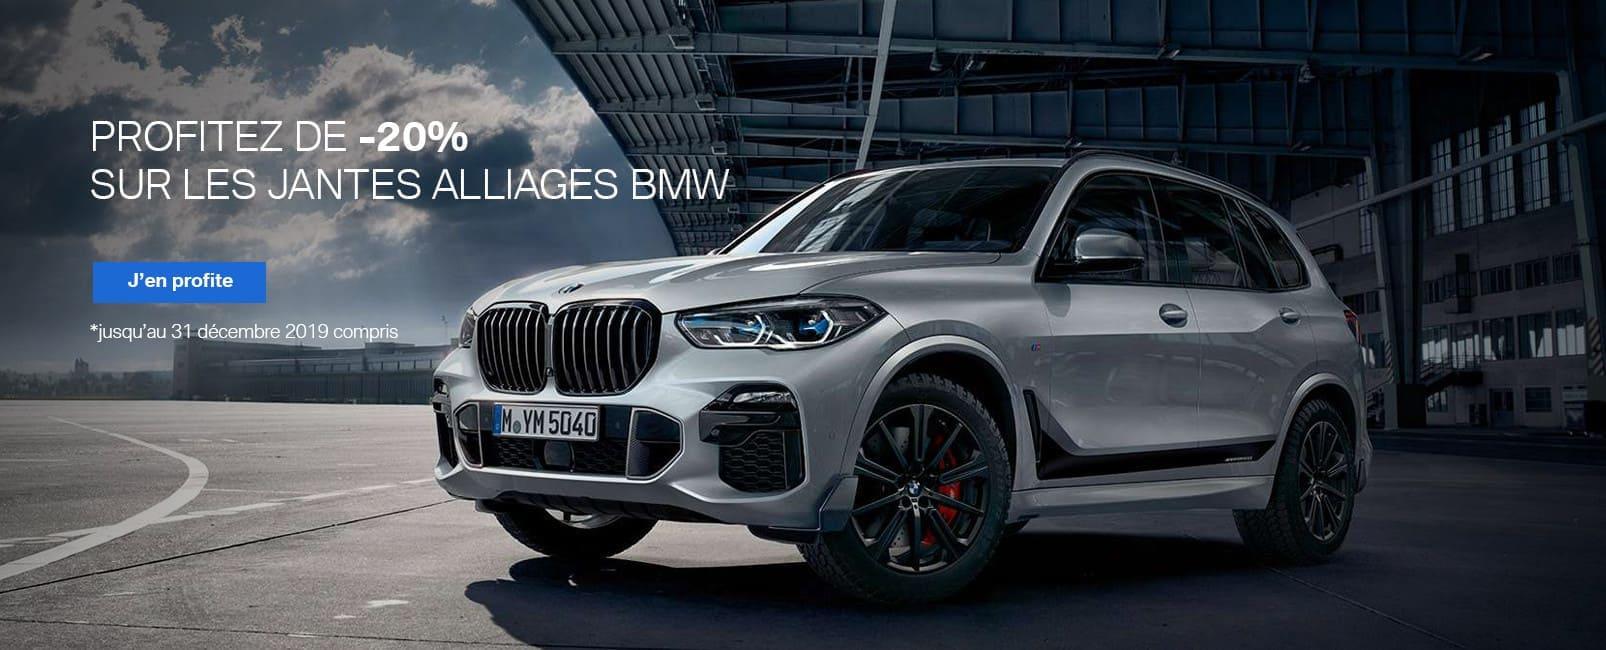 Profitez de 20% Sur les jantes alliages BMW